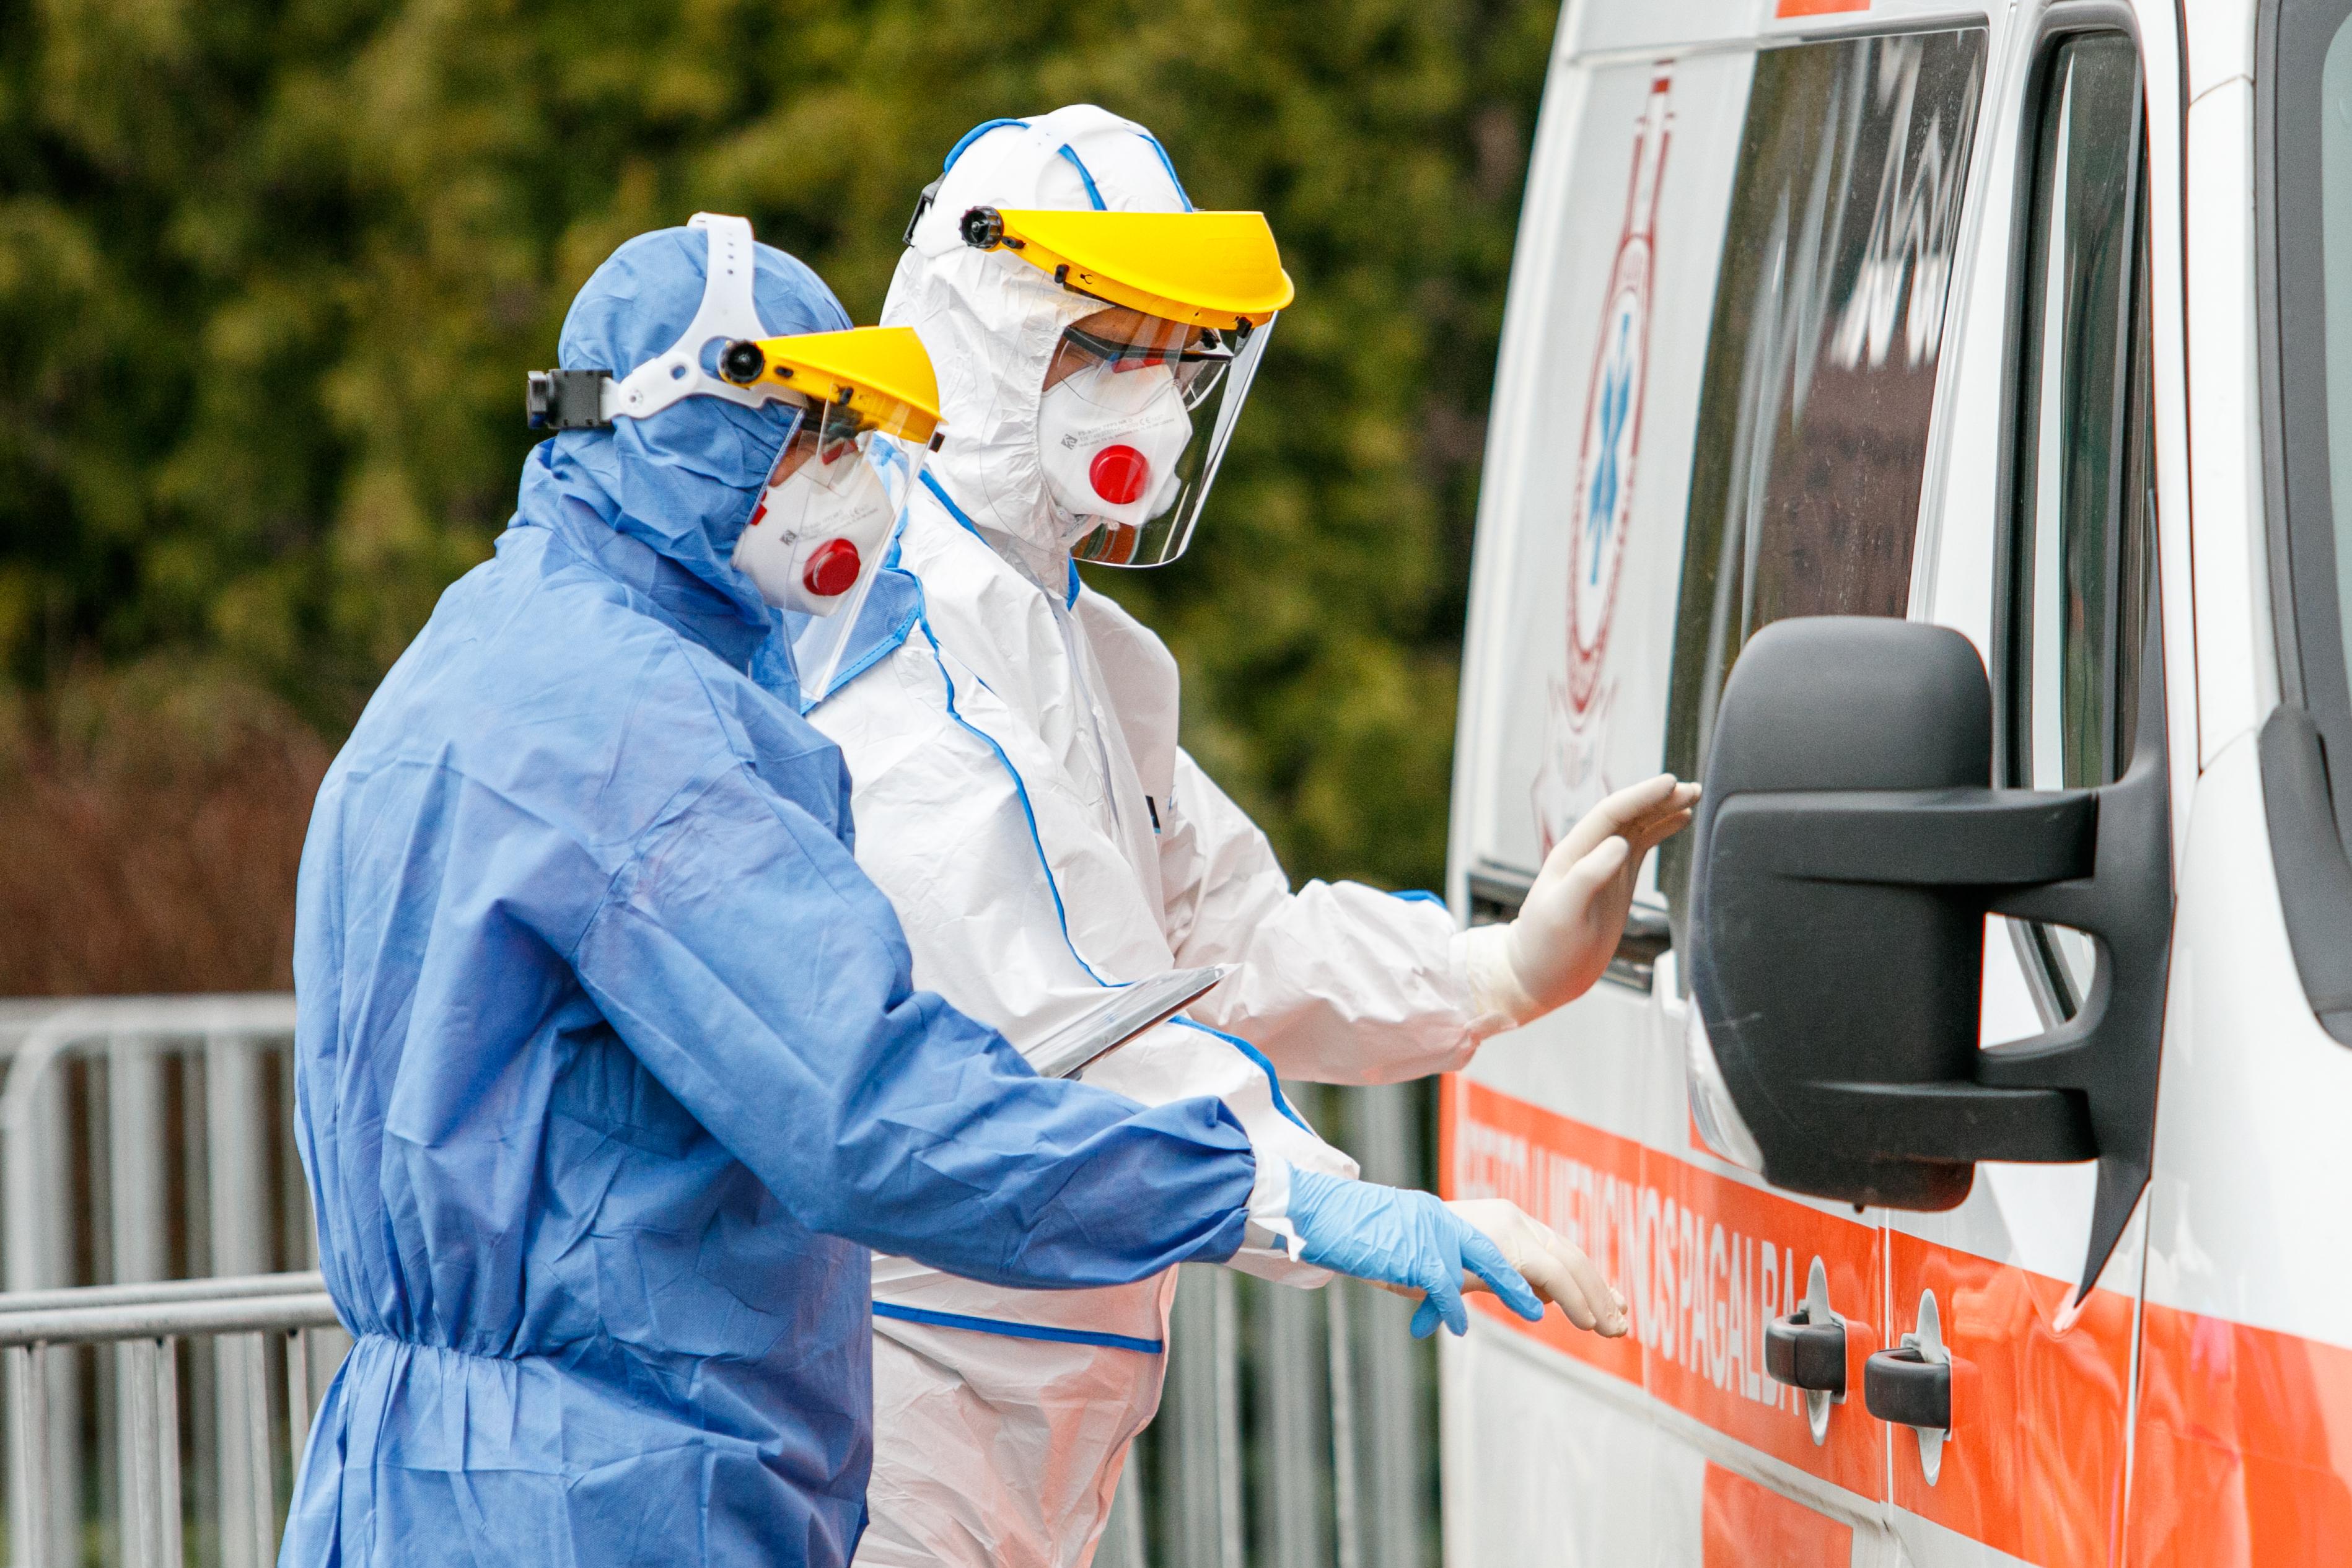 Țara în care 32 de parlamentari au murit din cauza COVID-19 de la izbucnirea epidemiei